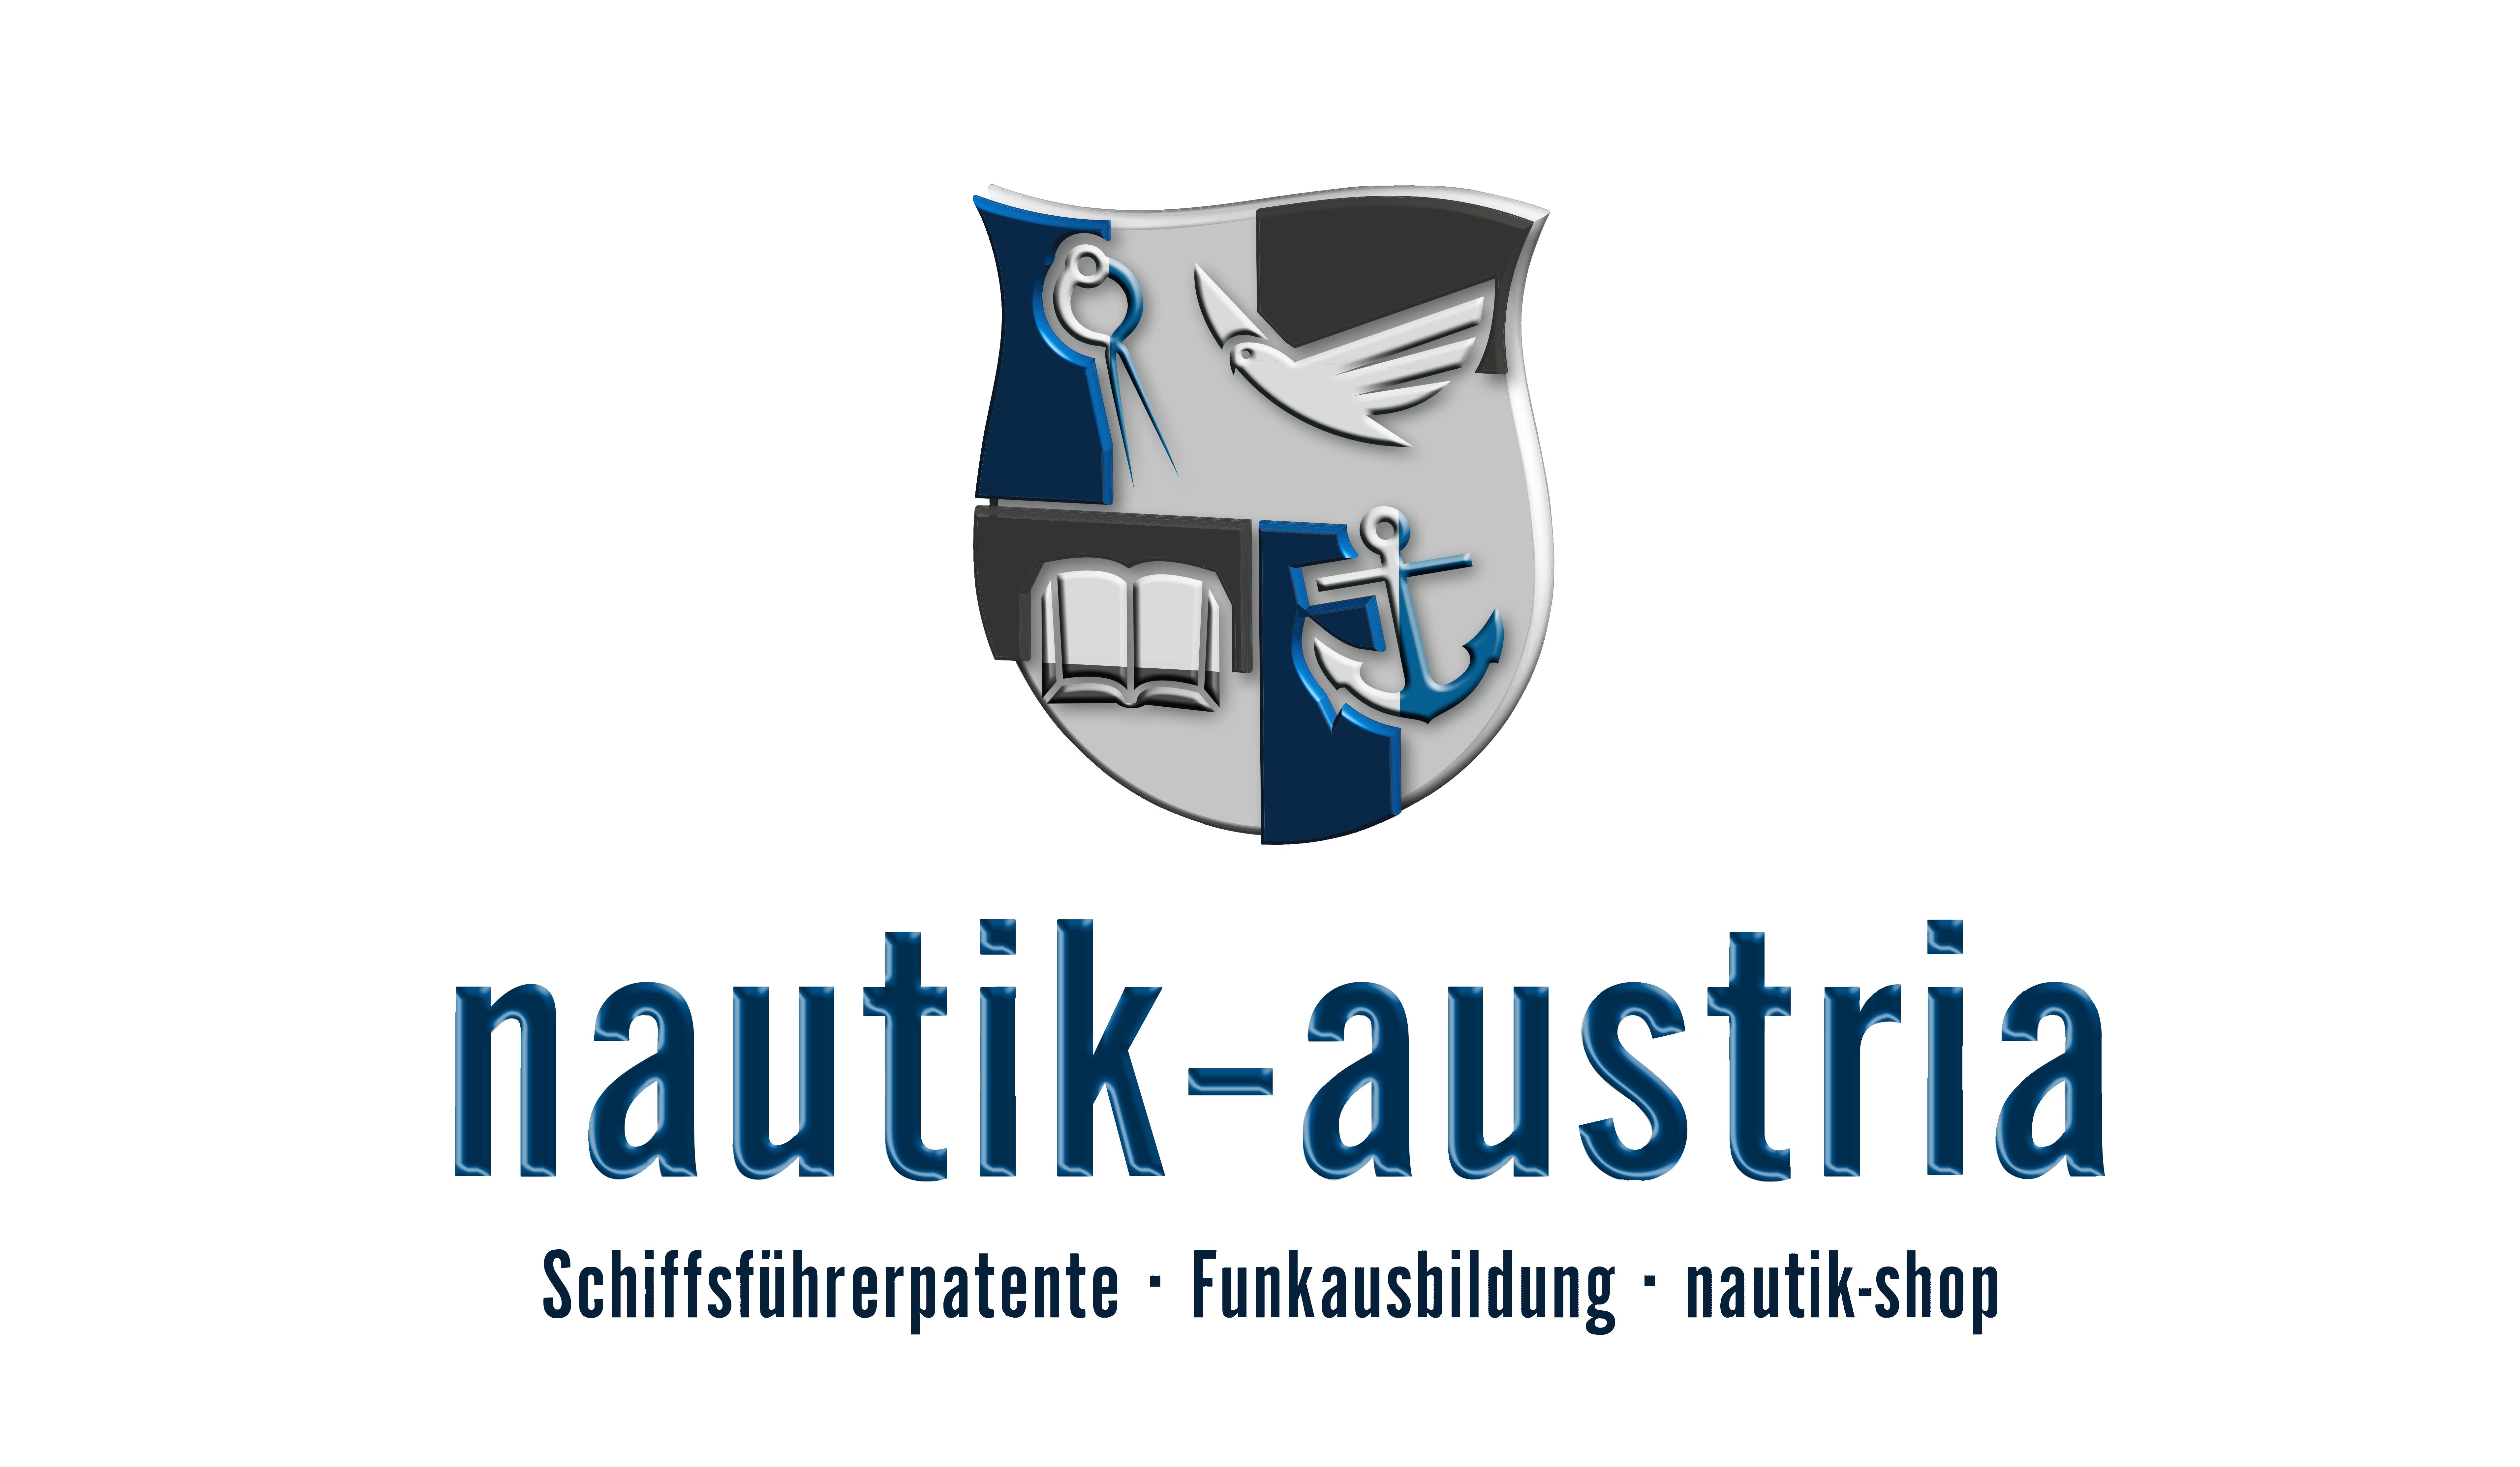 Nautik Austria Firmenlogo